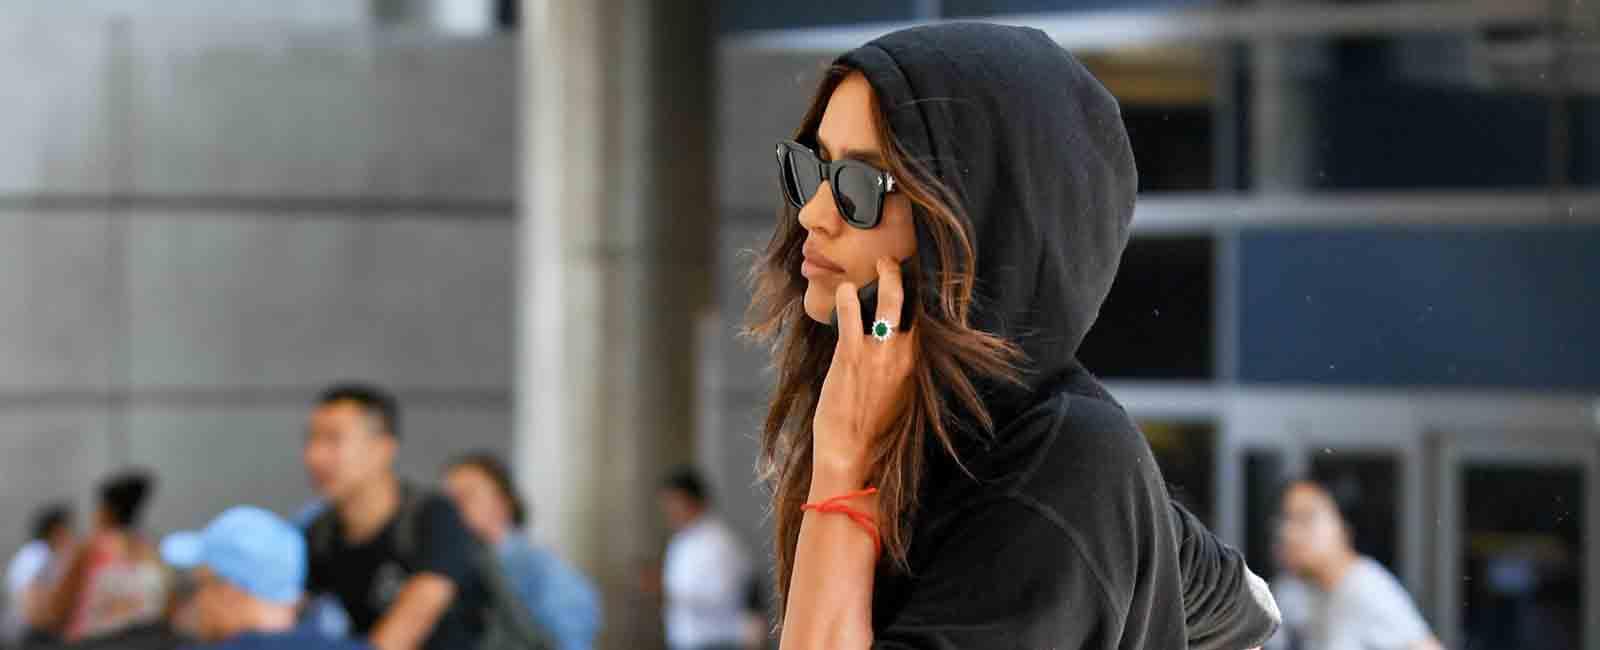 Irina Shayk no quiere ser reconocida en el aeropuerto de Los Ángeles